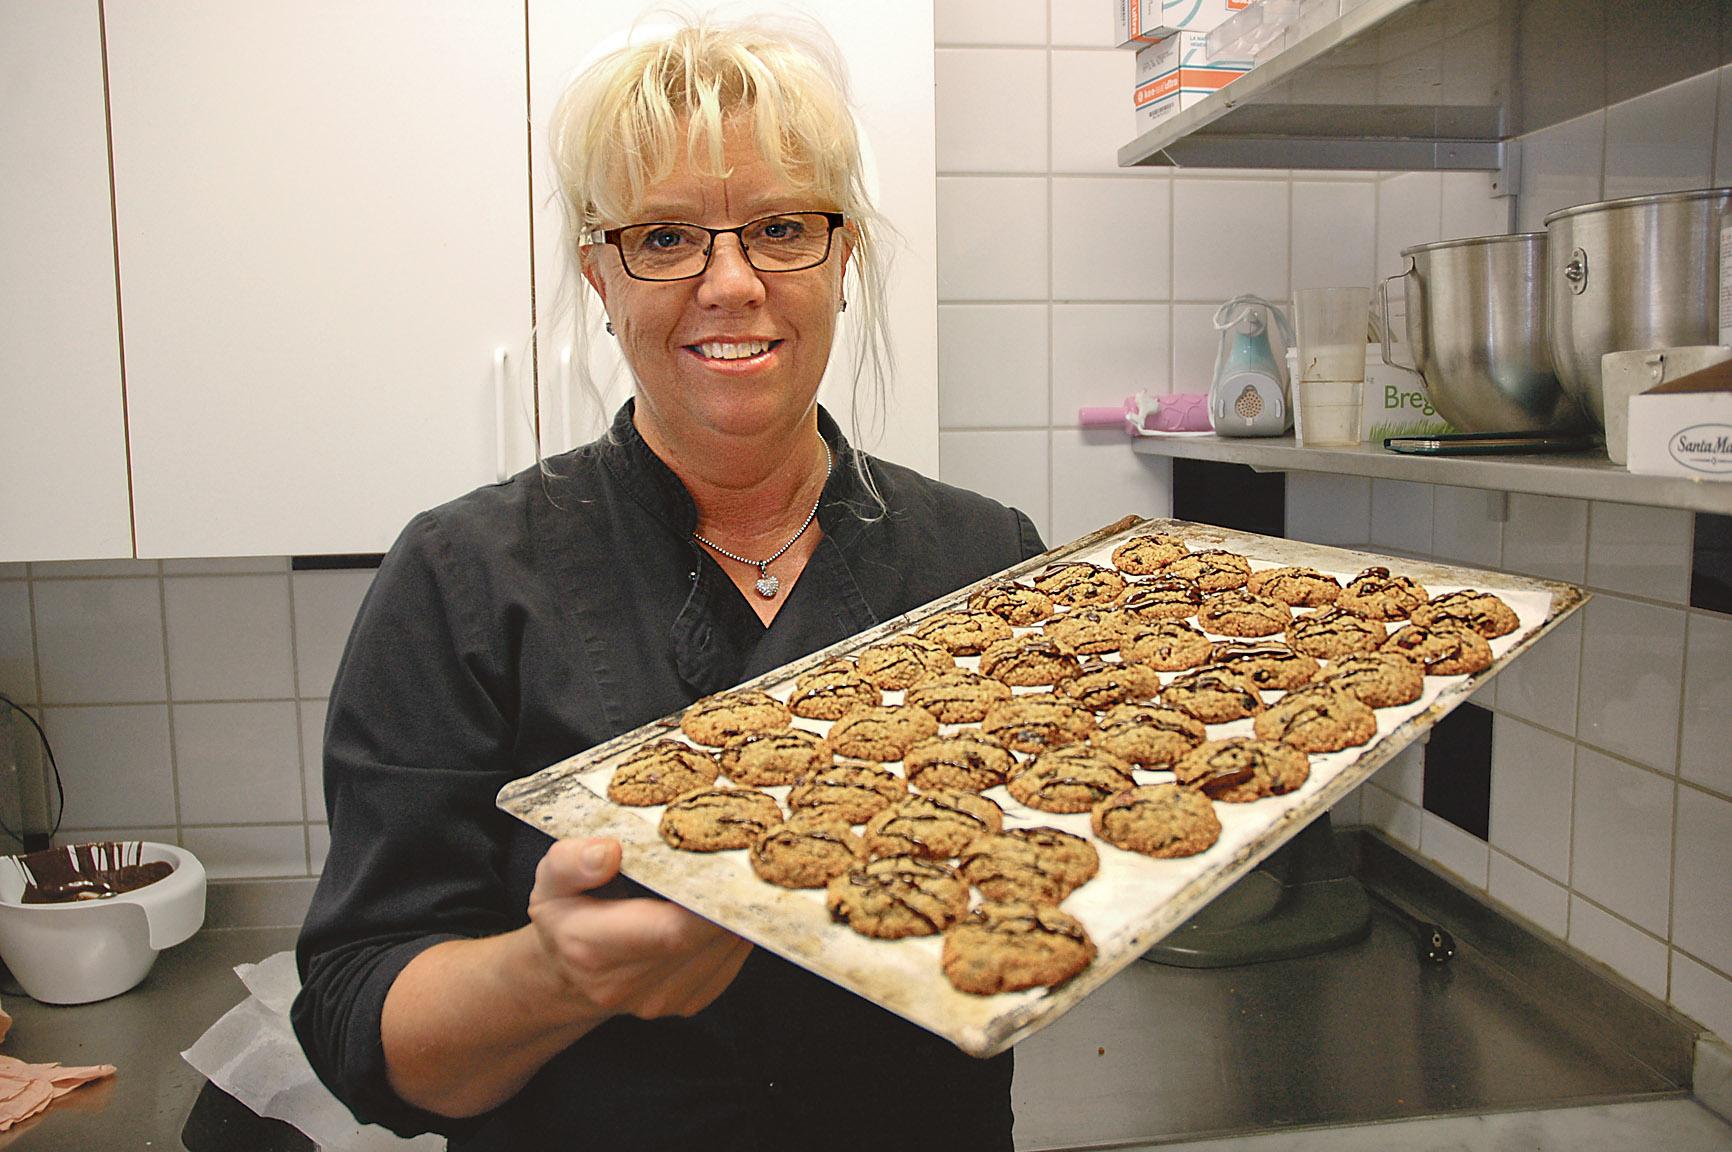 Ulla Pettersson med en plåt nygräddade Solkakor – en festligare småkaka som utsågs till Årets Östgötabakverk och introducerades under ÖstgötaDagarna 5 och 6 september. Till: vänster: Solkakan är laktos-, gluten-, nöt- och mandelfri så att den kan ätas av nästan alla.